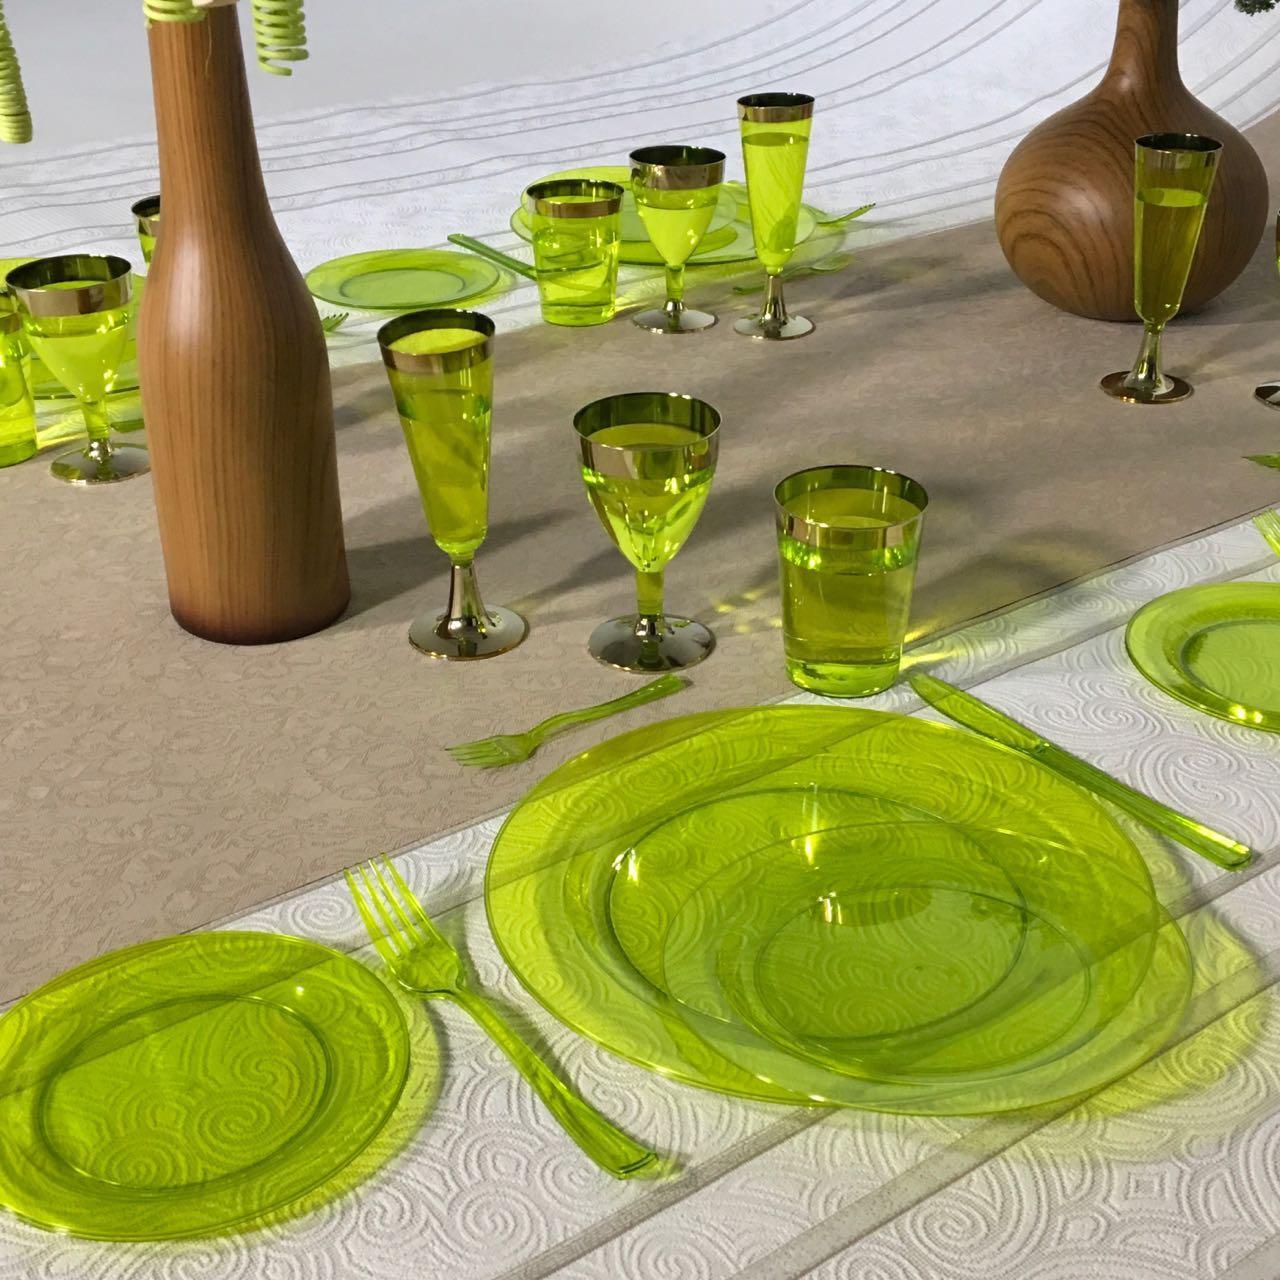 Тарелки одноразовые многоразового использования,  оптом для ресторанов,кейтеринга,кенди бара  CFP 6 шт 155 мм